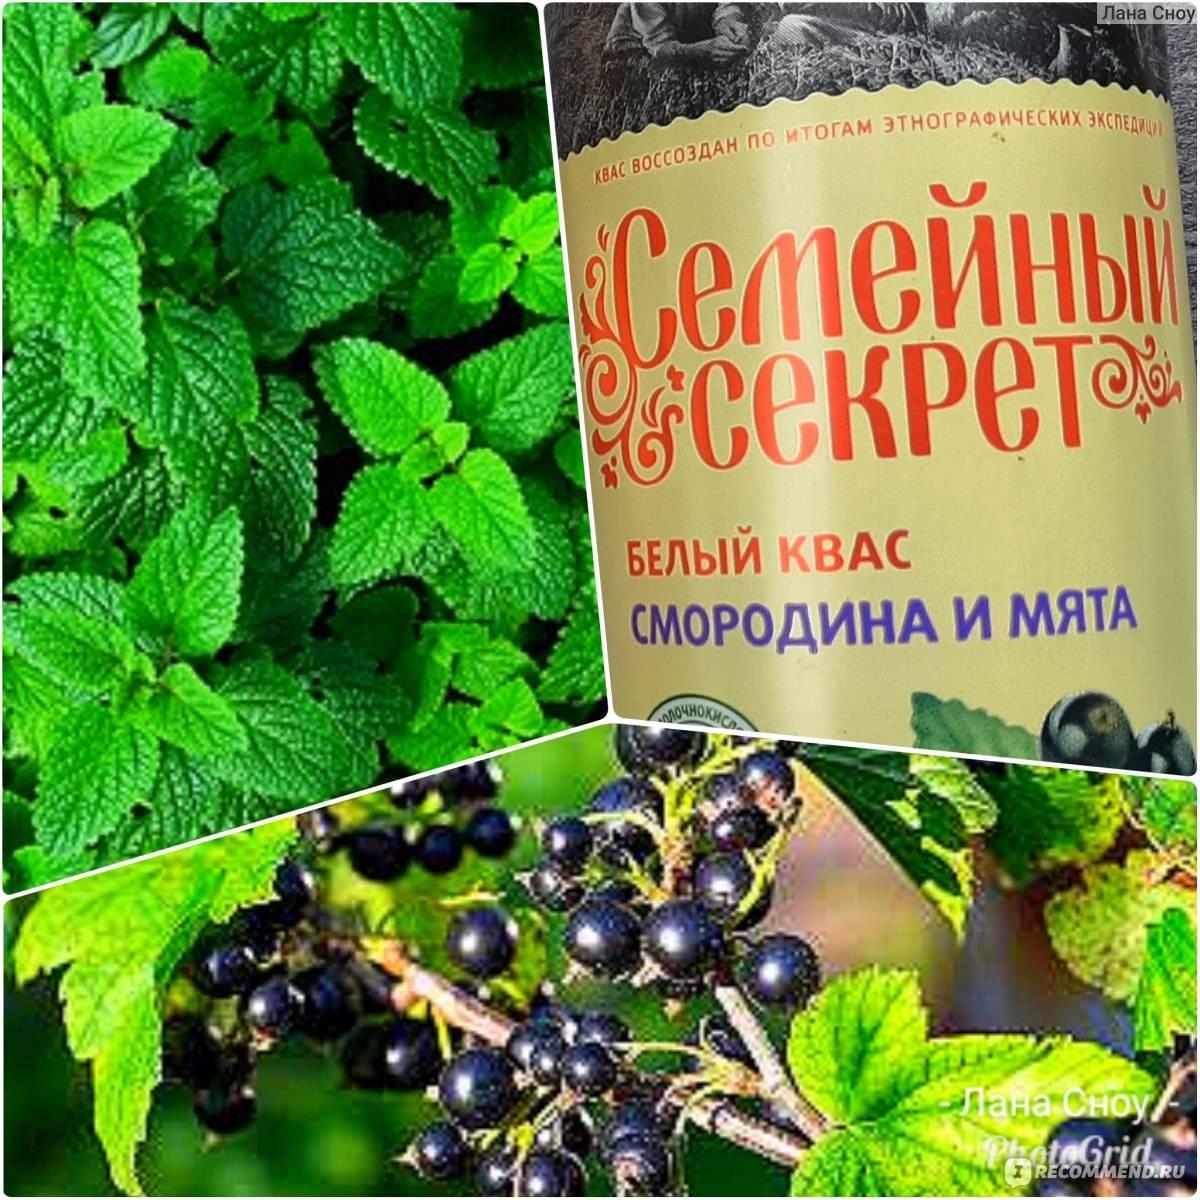 Квас из черной смородины пошаговый рецепт